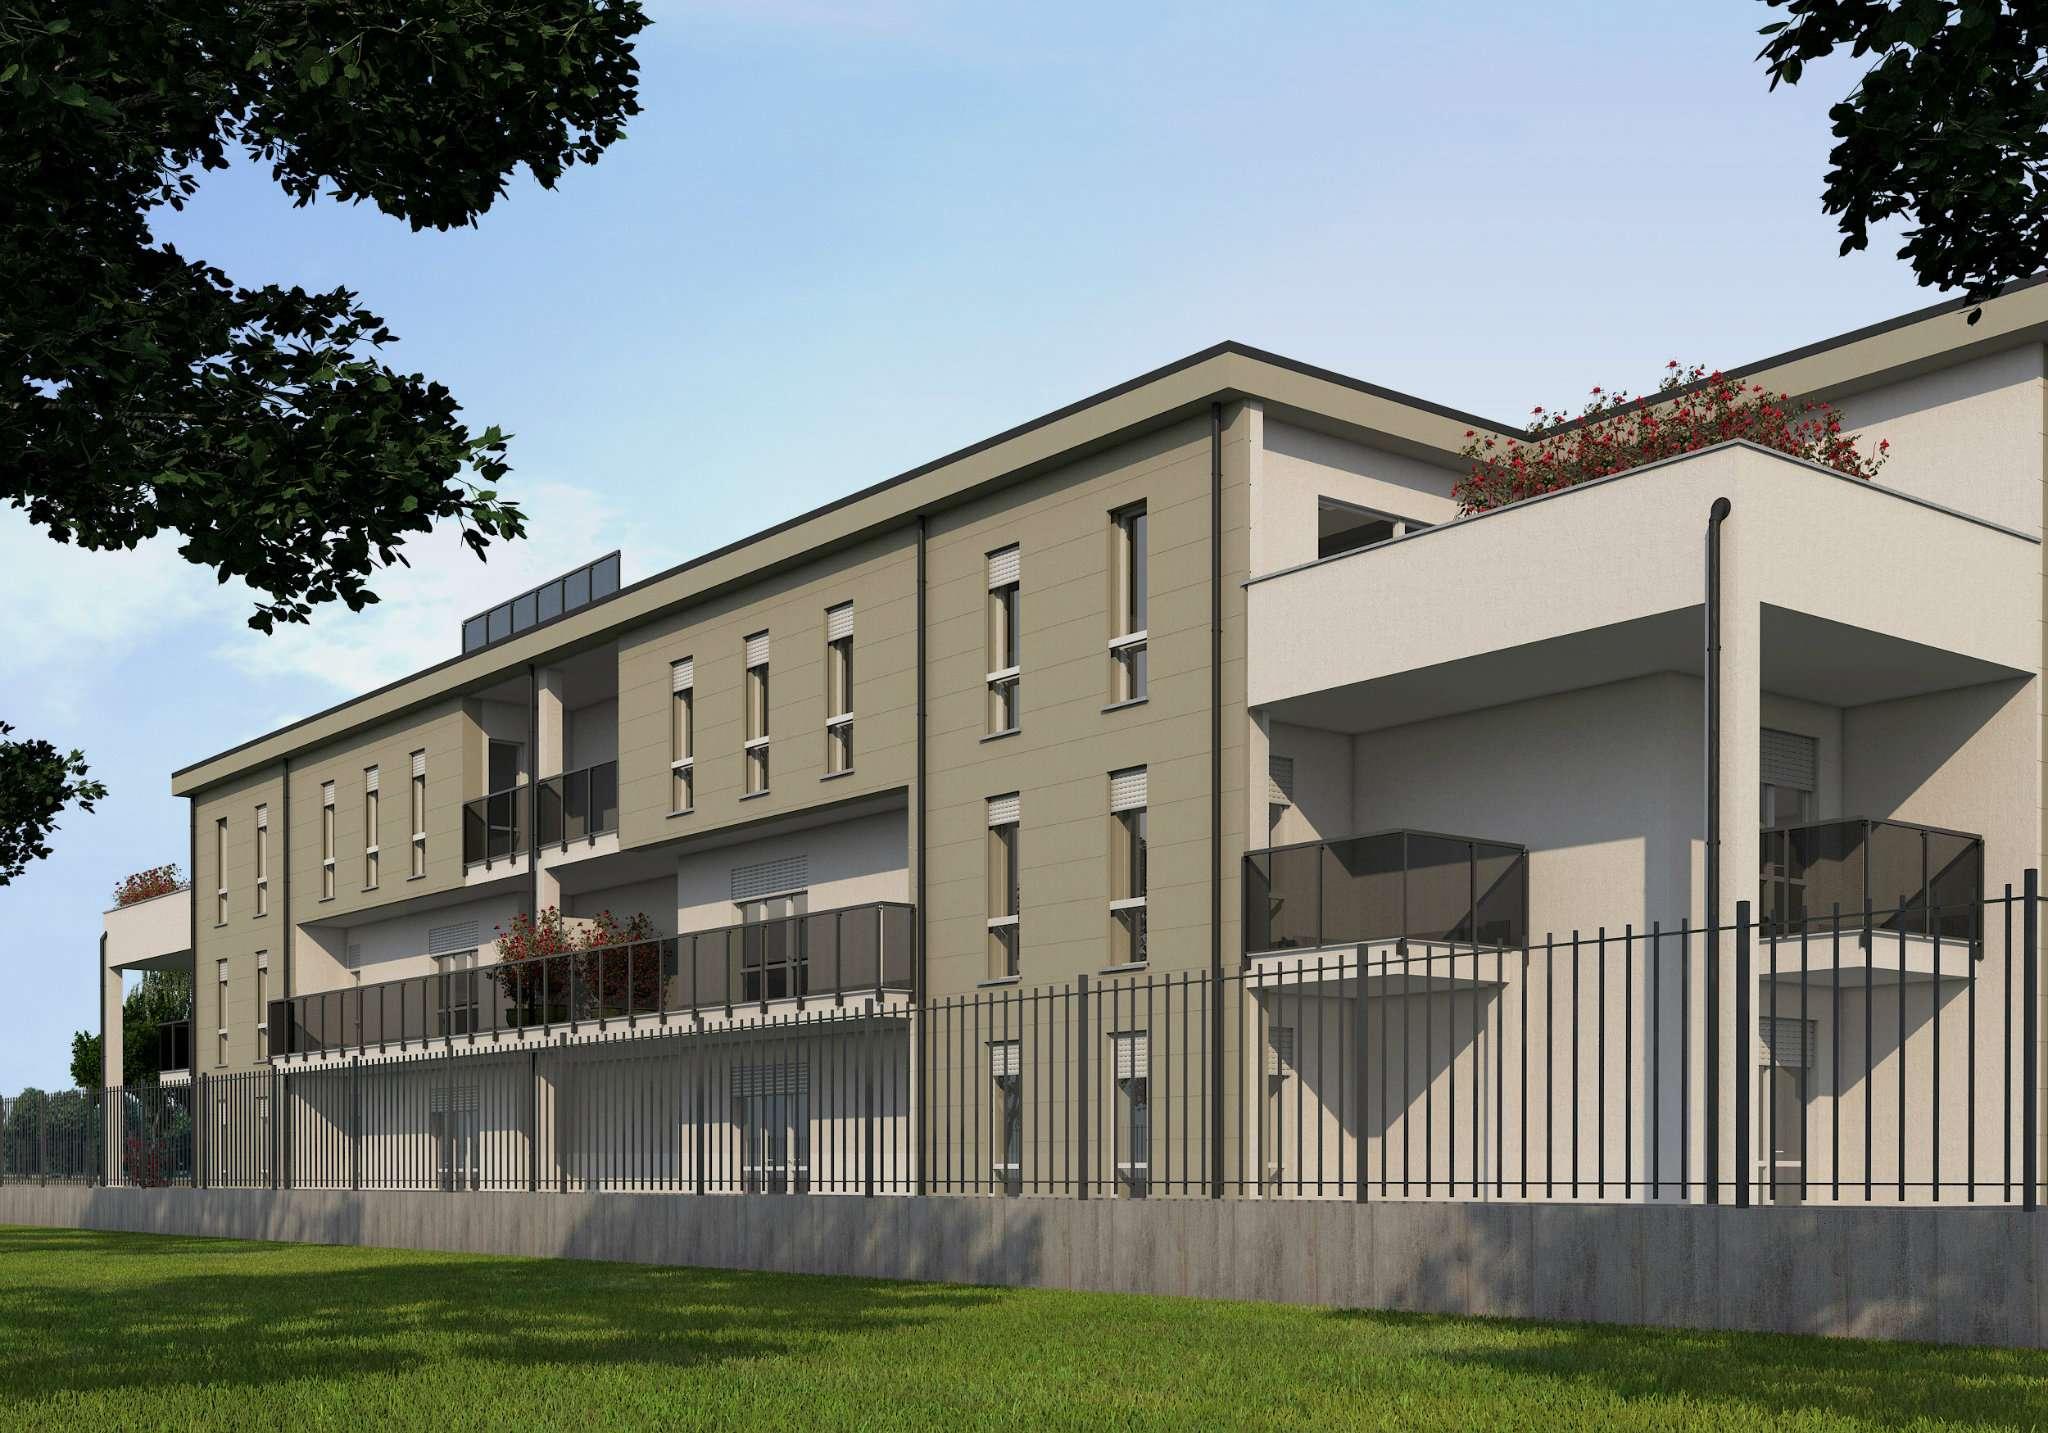 Appartamento in vendita a Cernusco sul Naviglio, 4 locali, prezzo € 341.000 | CambioCasa.it